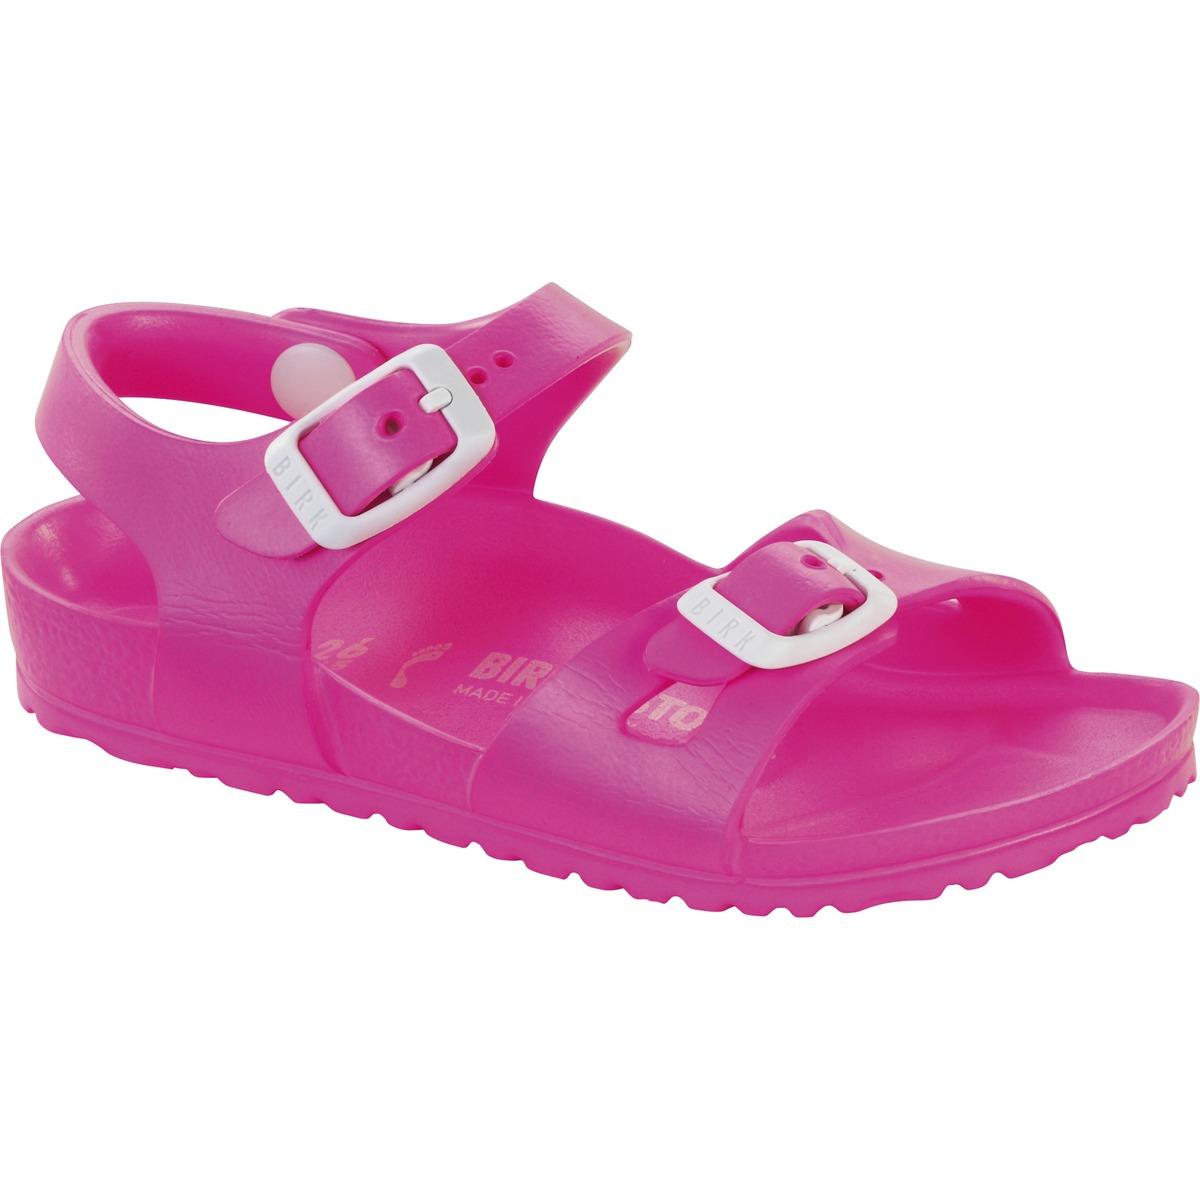 barn sandaler og available via . Shop the entire